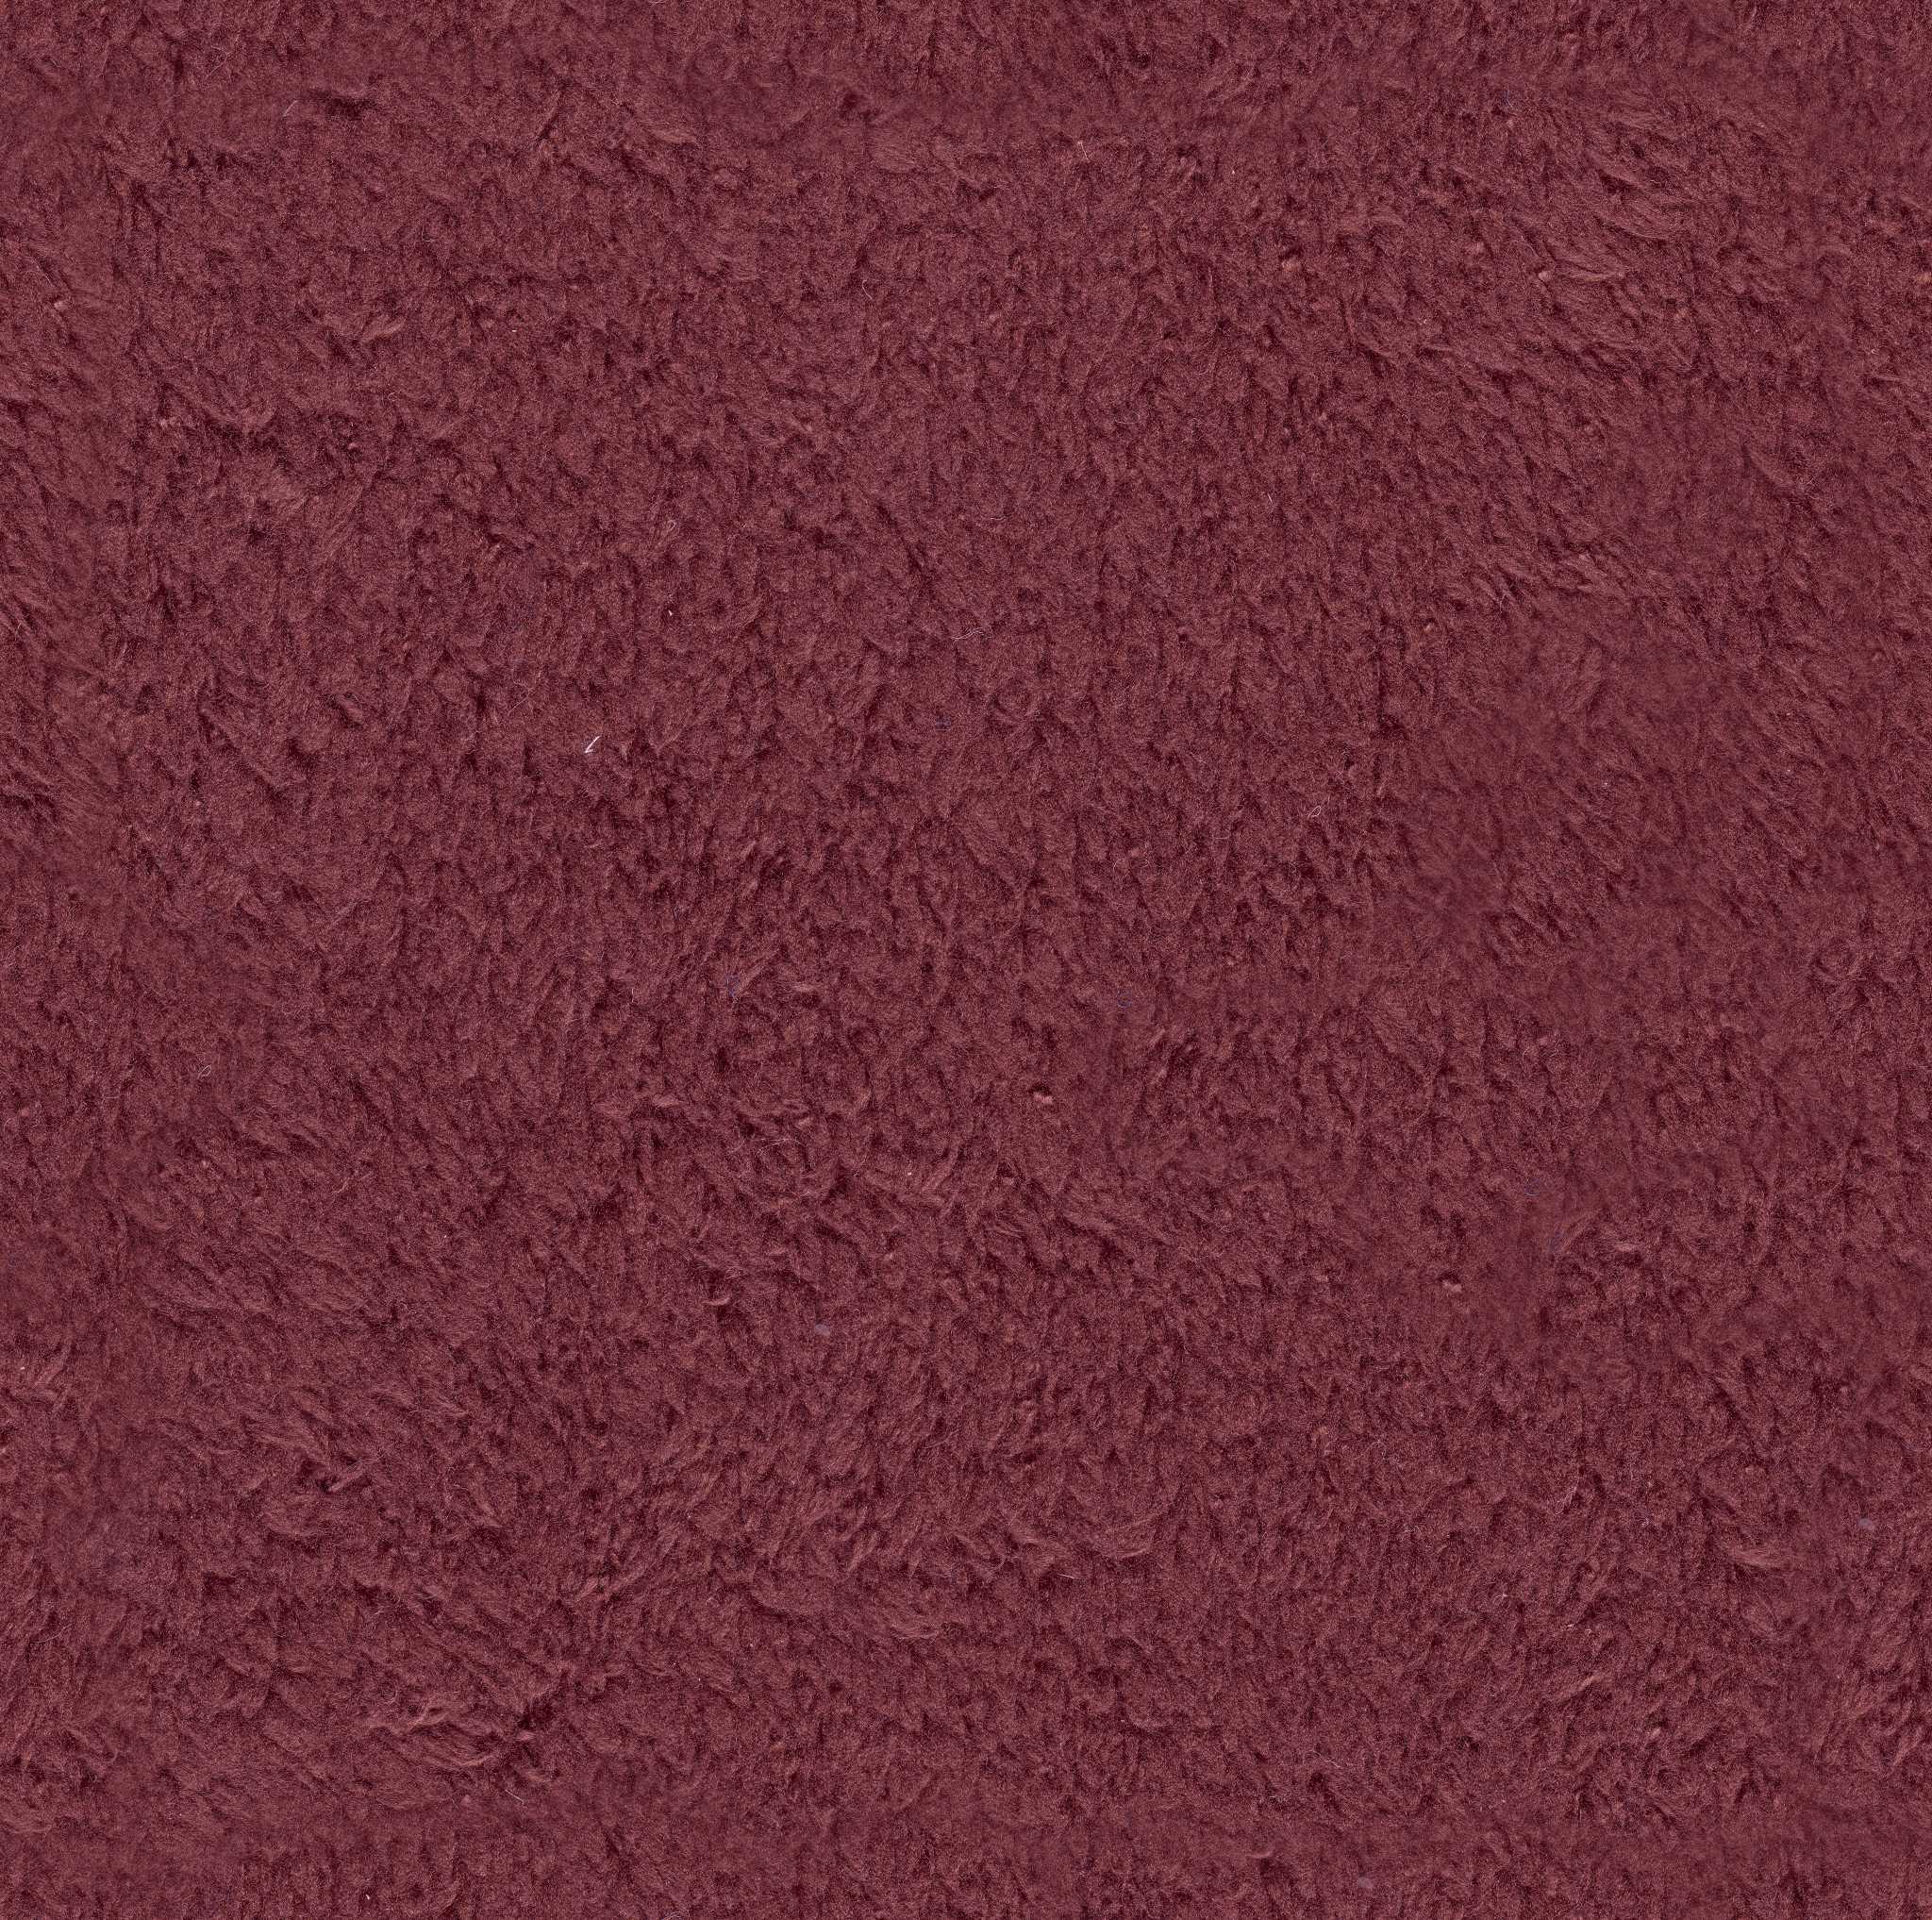 Carpet Texture Carpet Vidalondon